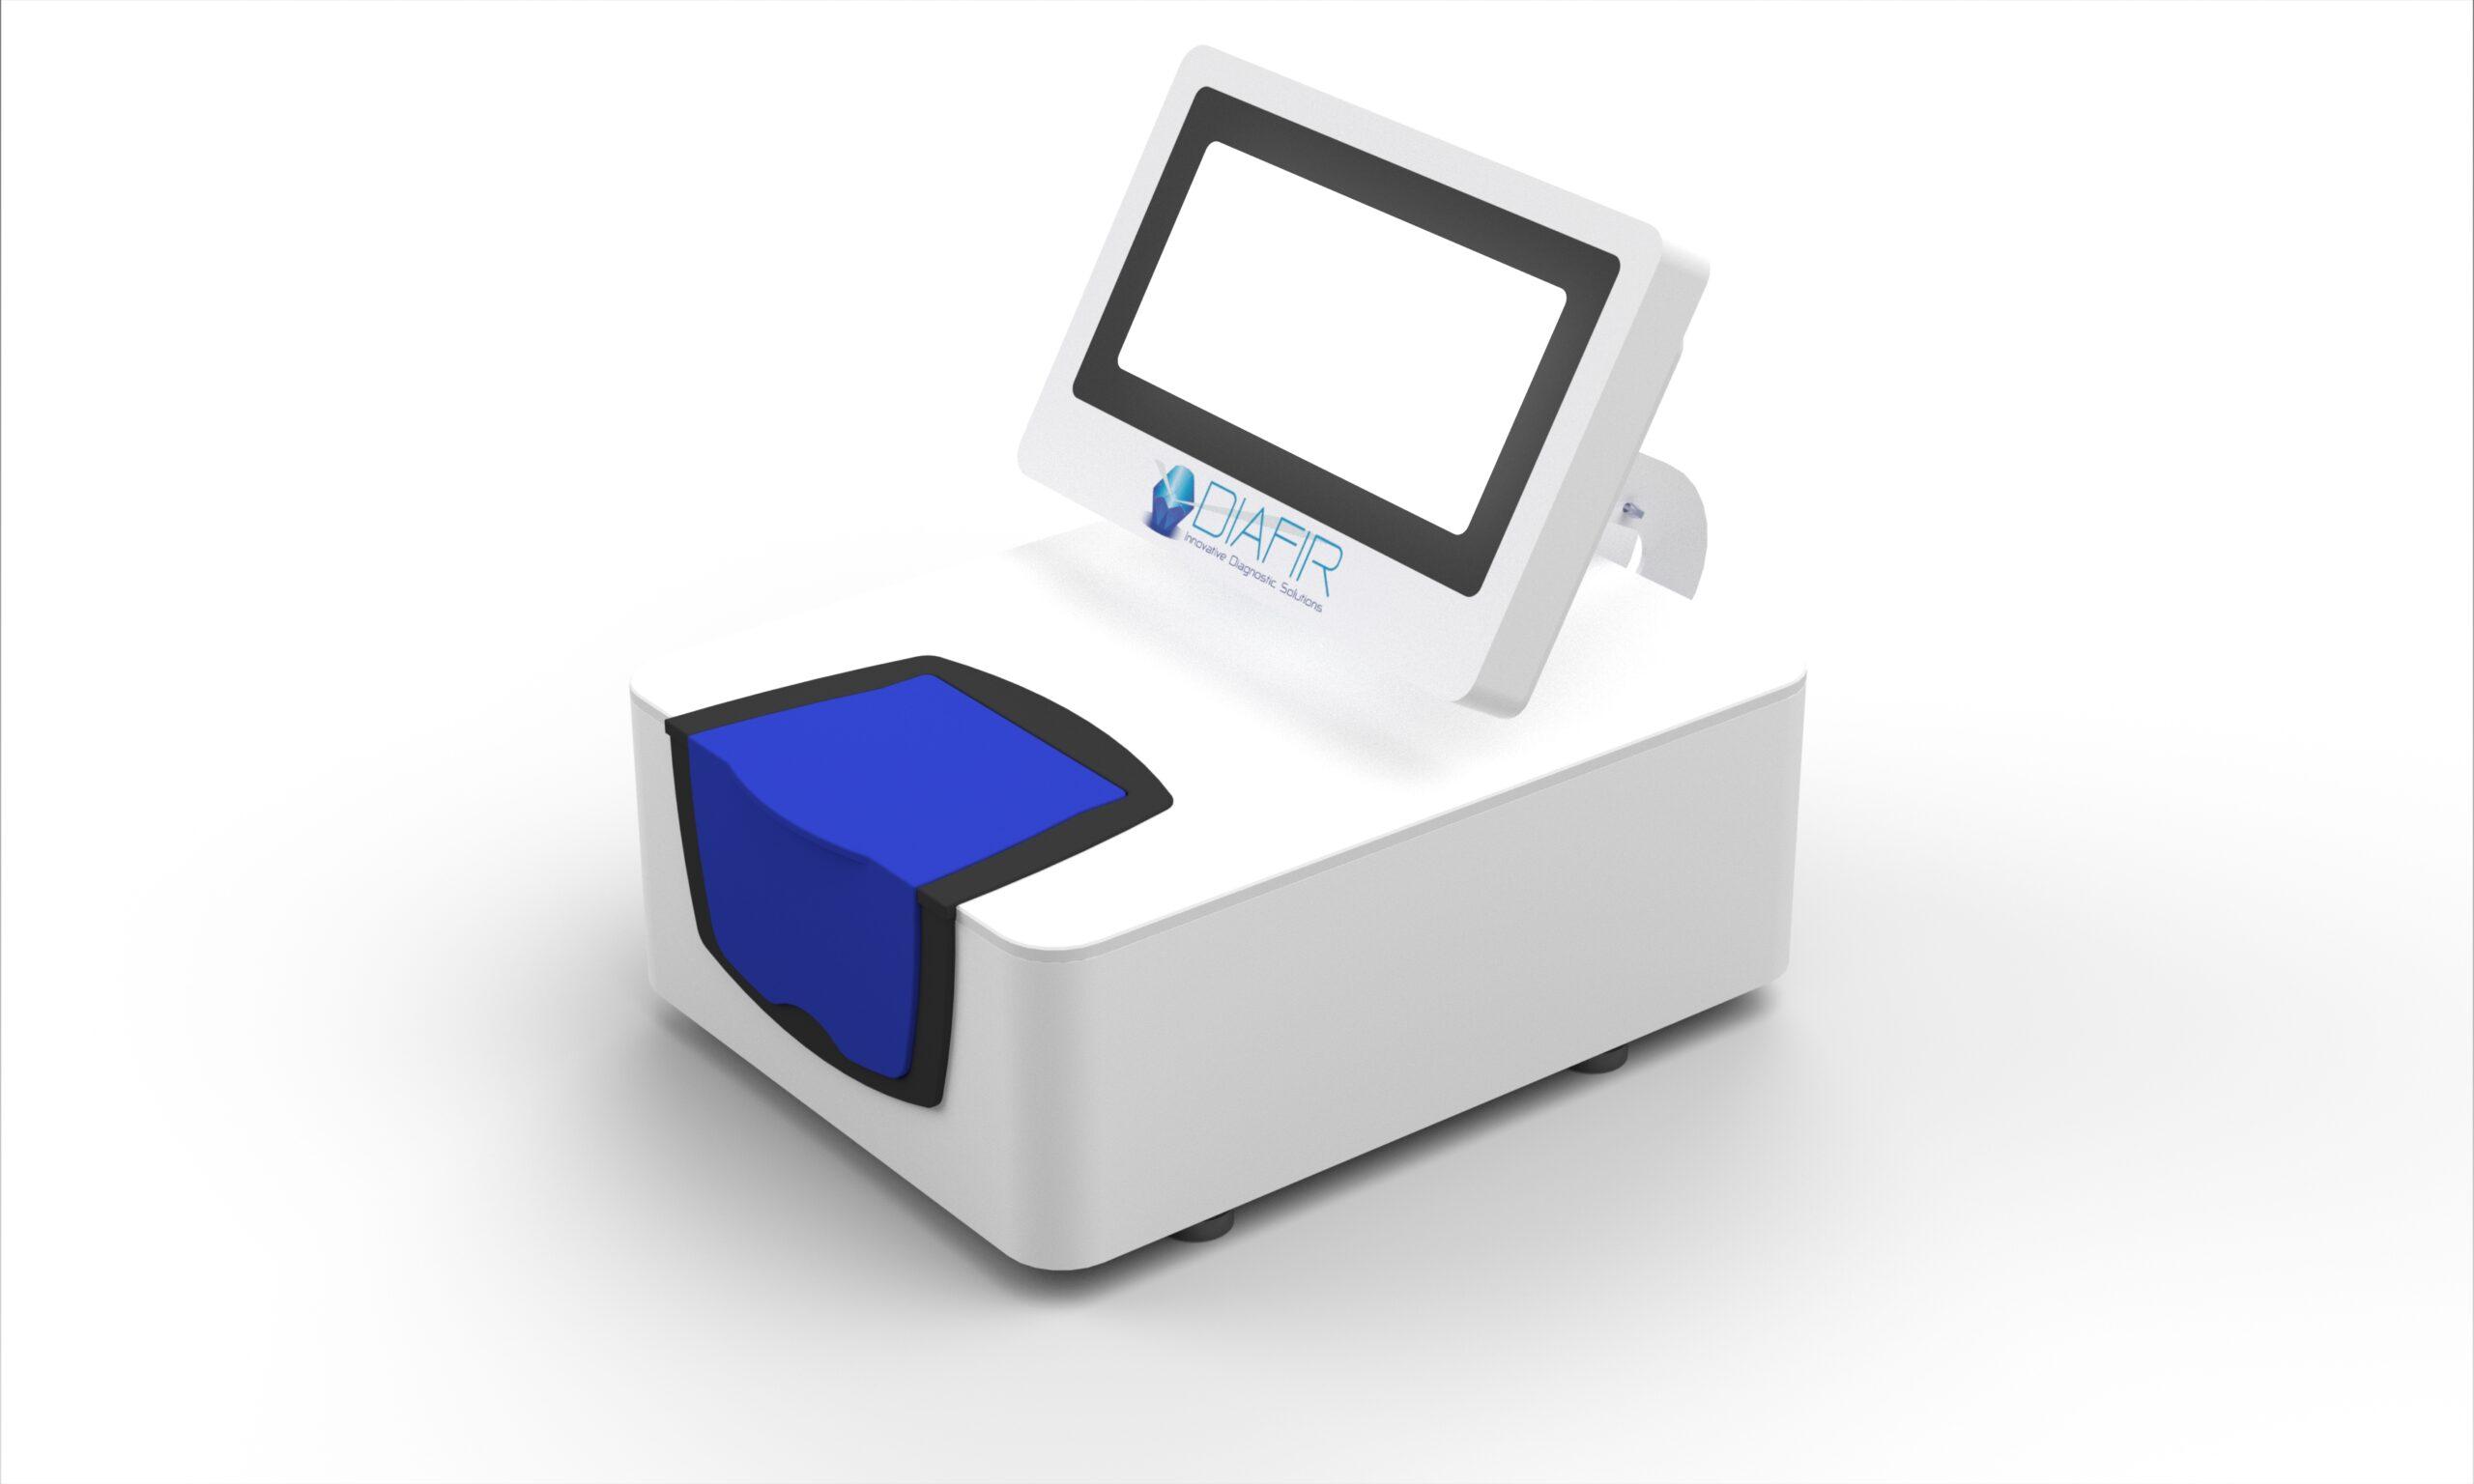 Dispositif médical de diagnostique